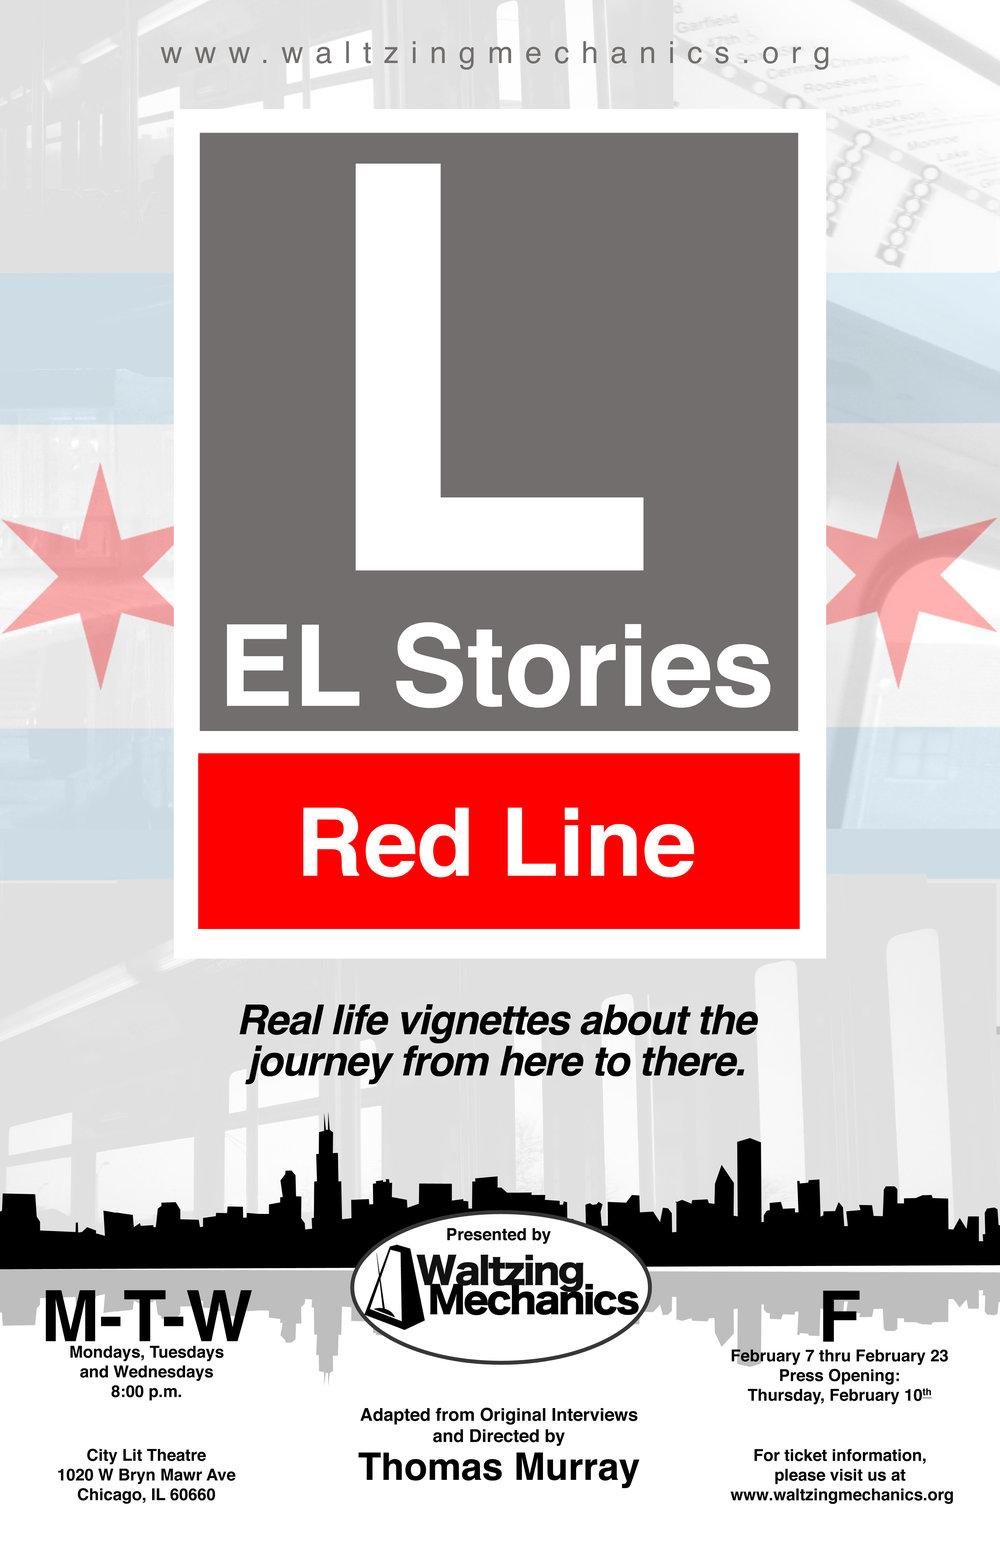 EL Stories 1